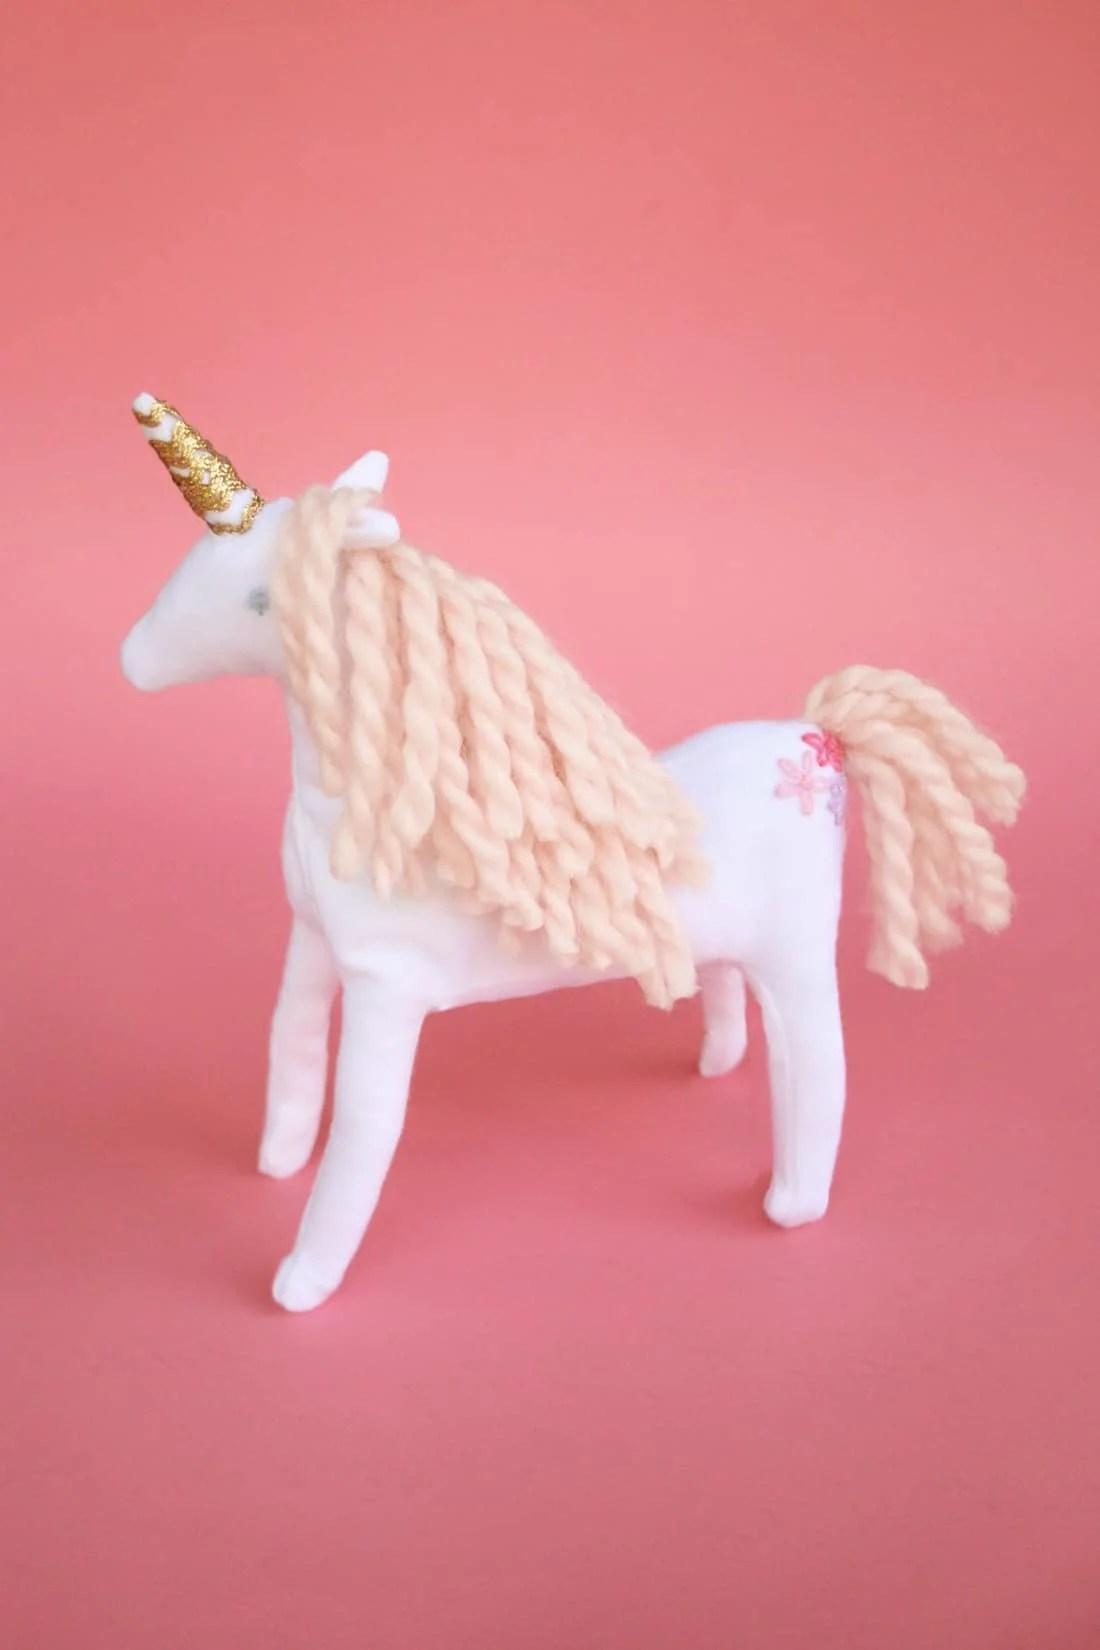 Unicorn Plush Pattern : unicorn, plush, pattern, Unicorn, Plush, Beautiful